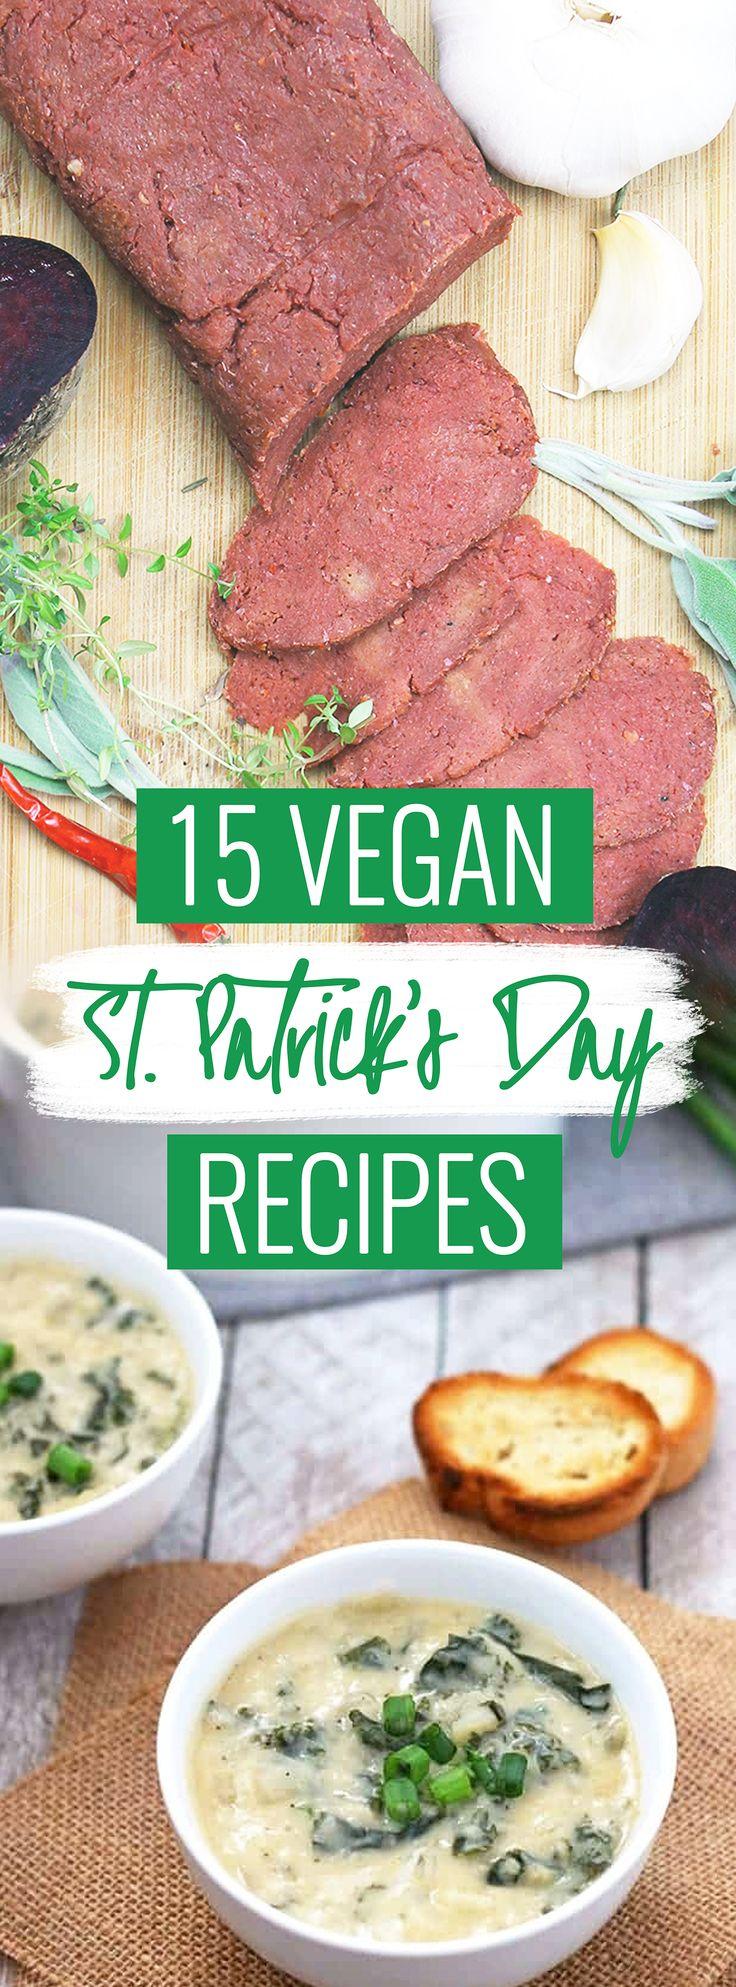 Vegan St. Patrick's Day Recipes / St. Patricks Day Recipes / Vegetarian St. Patrick's Day Recipes / Vegan Saint Patrick's Day Recipes / Vegan Saint Pattys Day / Vegan Irish Recipes / Vegan Irish Meals / Vegan Corned Beef / Vegan Corned Beef Hash / Saint Patricks Day Dinner / Saint Patricks Day Desserts / St Patrick's Day Dinner